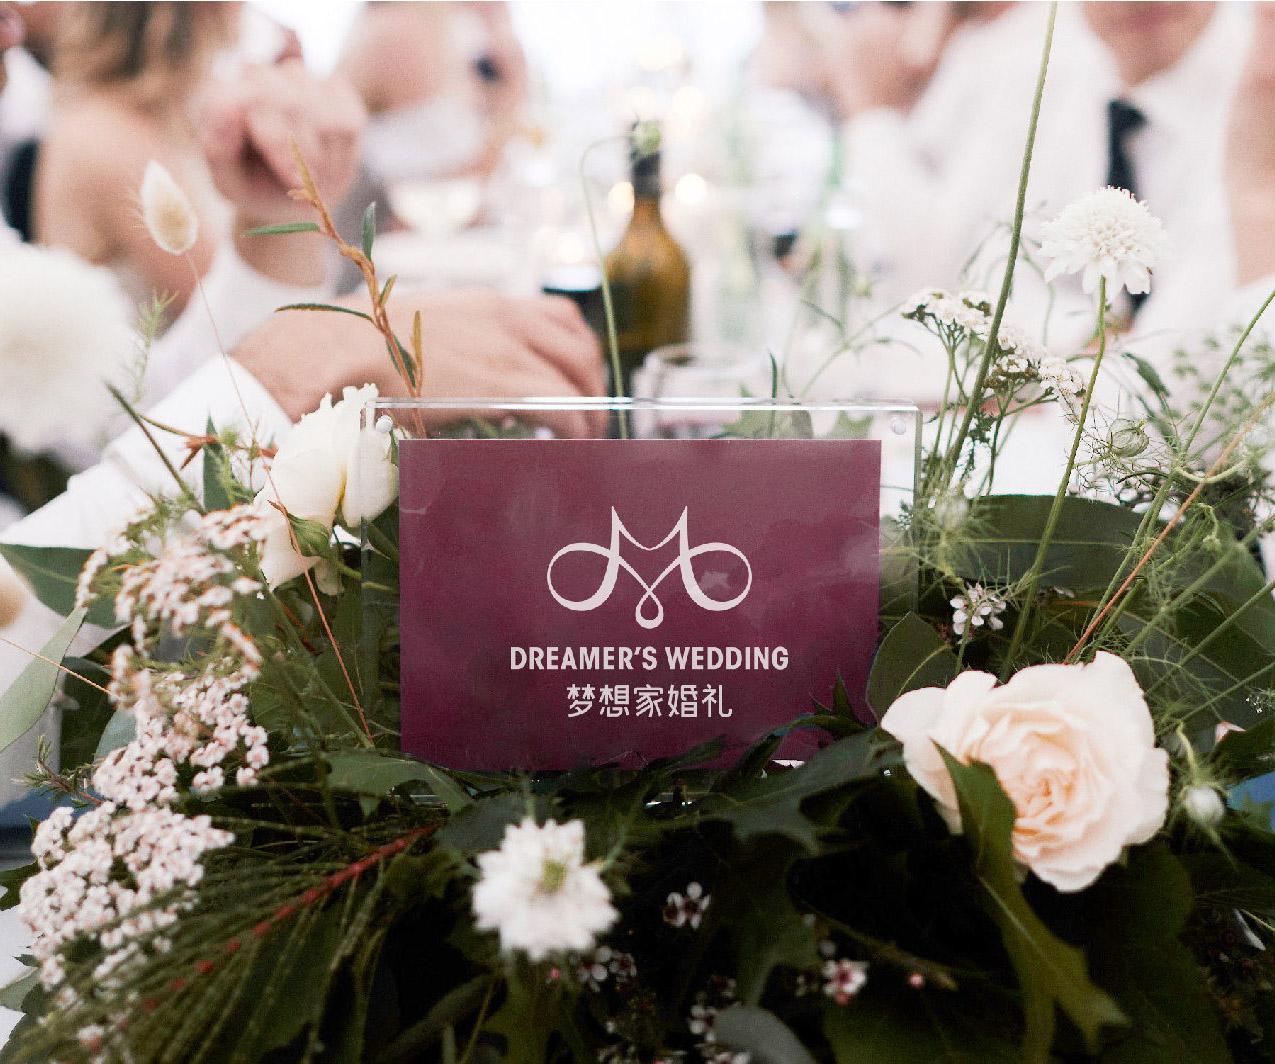 梦想家婚礼品牌创意设计